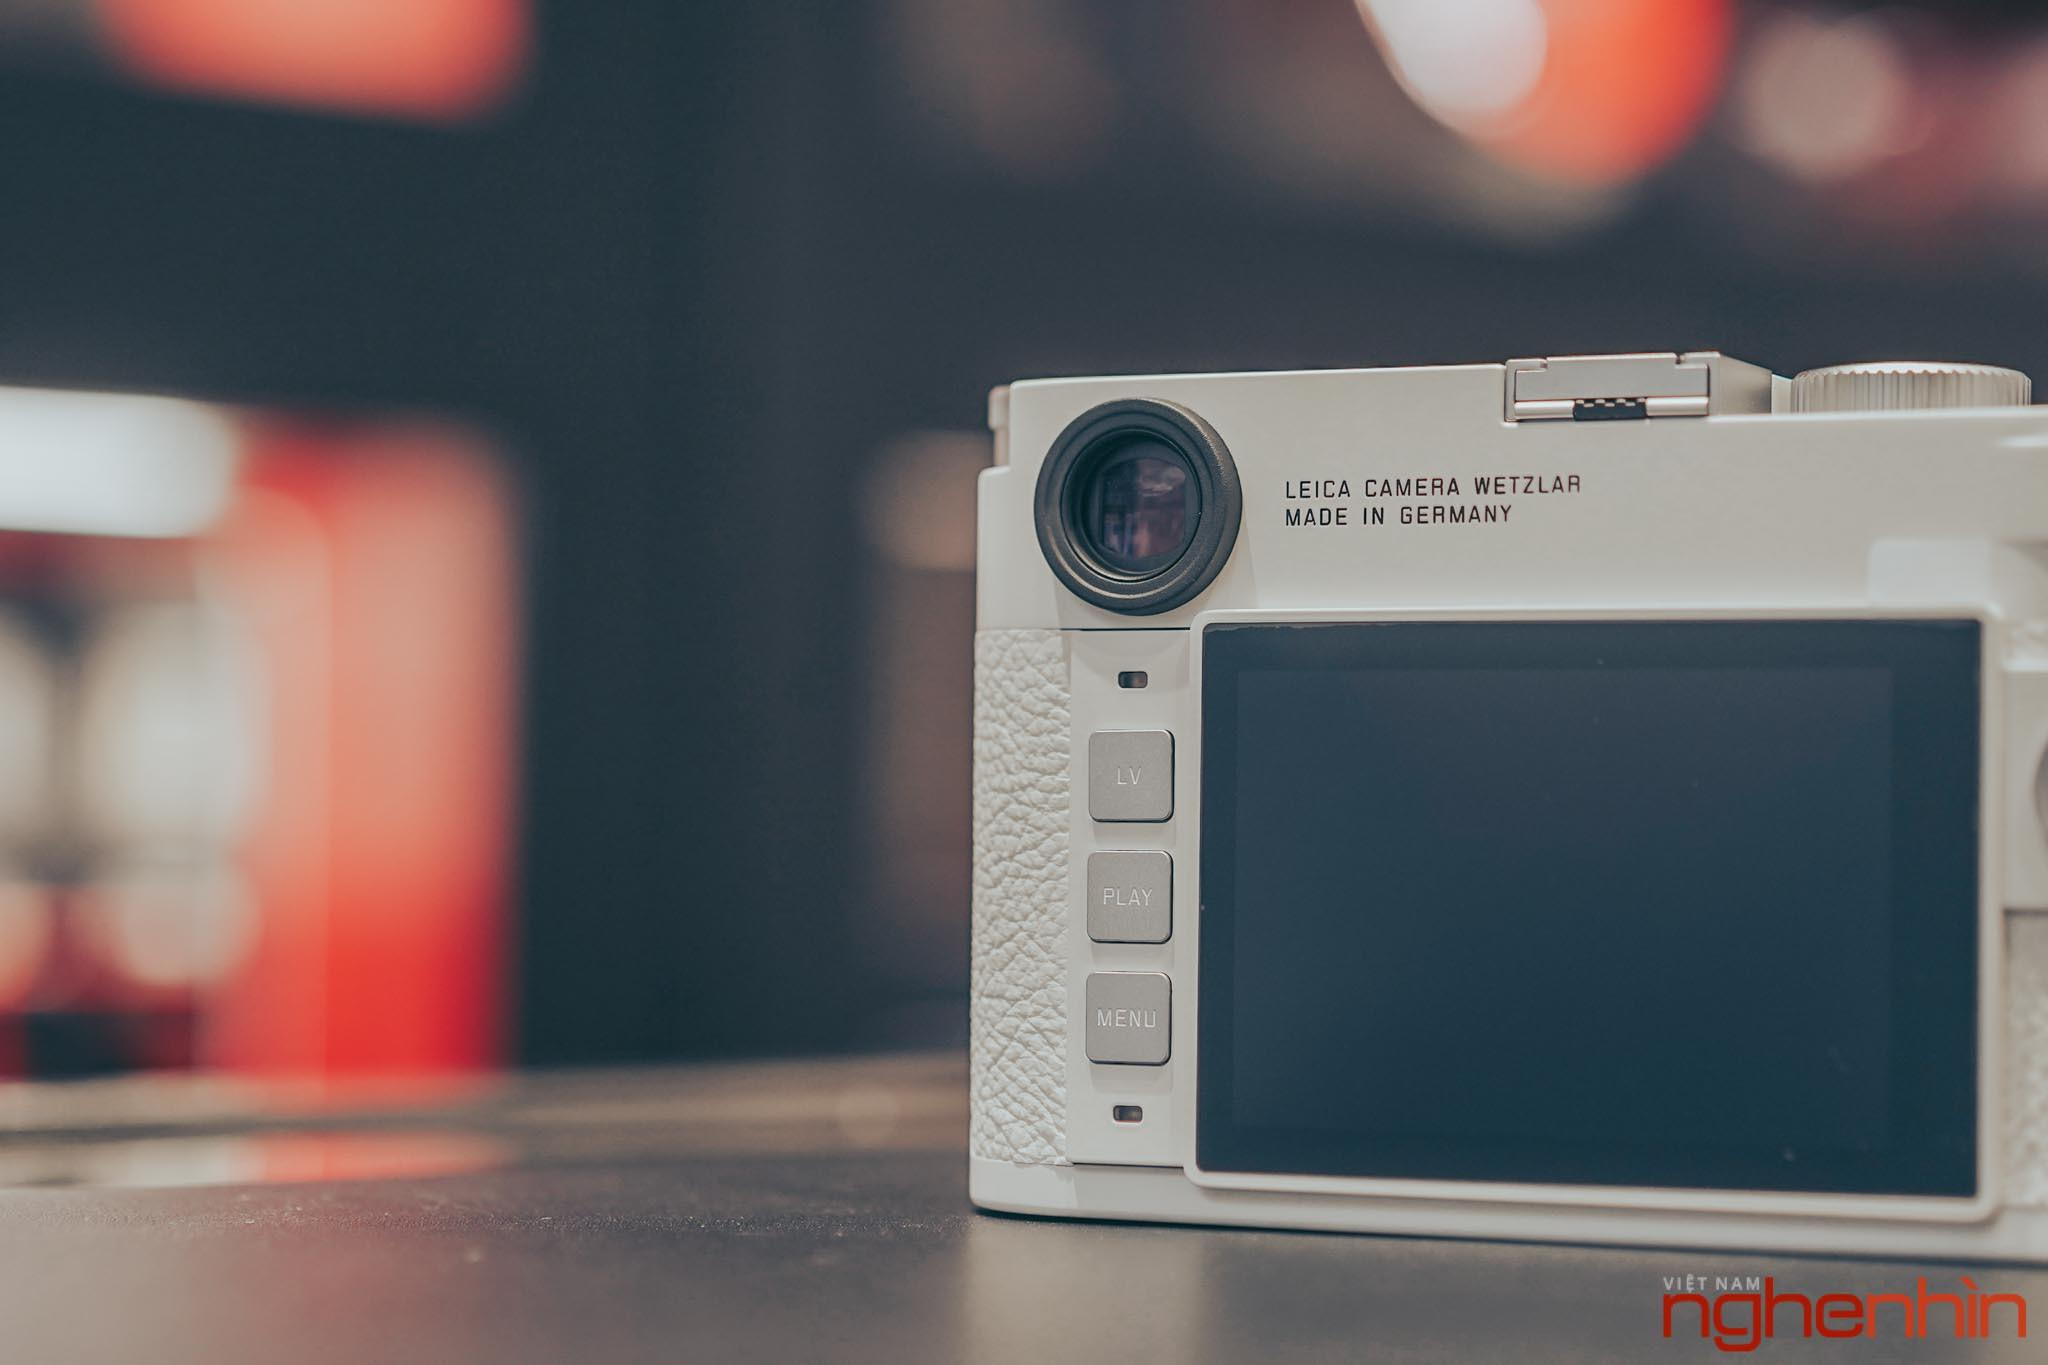 Trên tay Leica M10-P 'White' Edition tại Việt Nam: giá 420 triệu, giới hạn 350 chiếc Ảnh 6